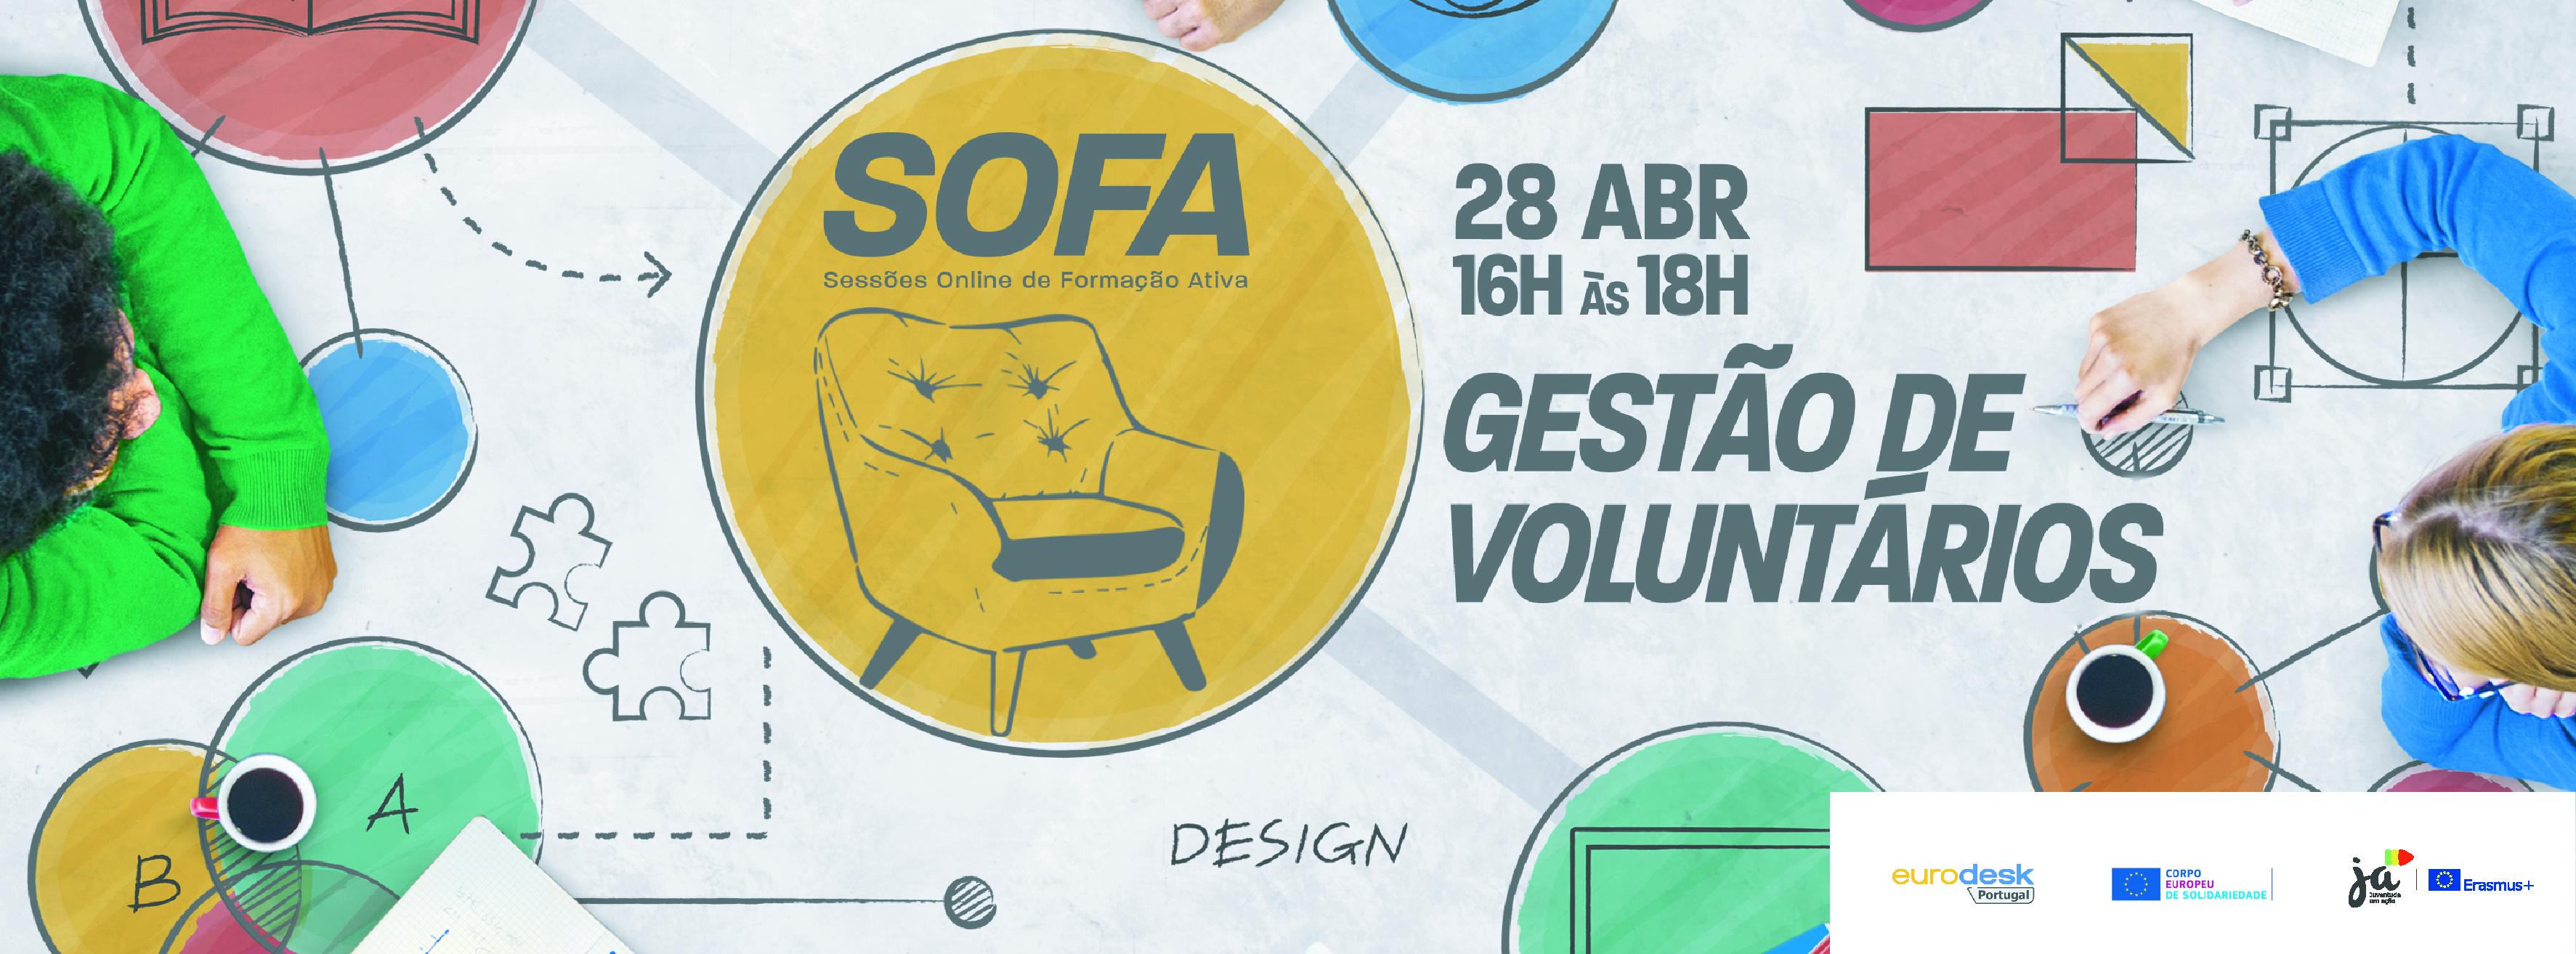 sofa-das-abr-face-imagem-perfil-copy.jpg